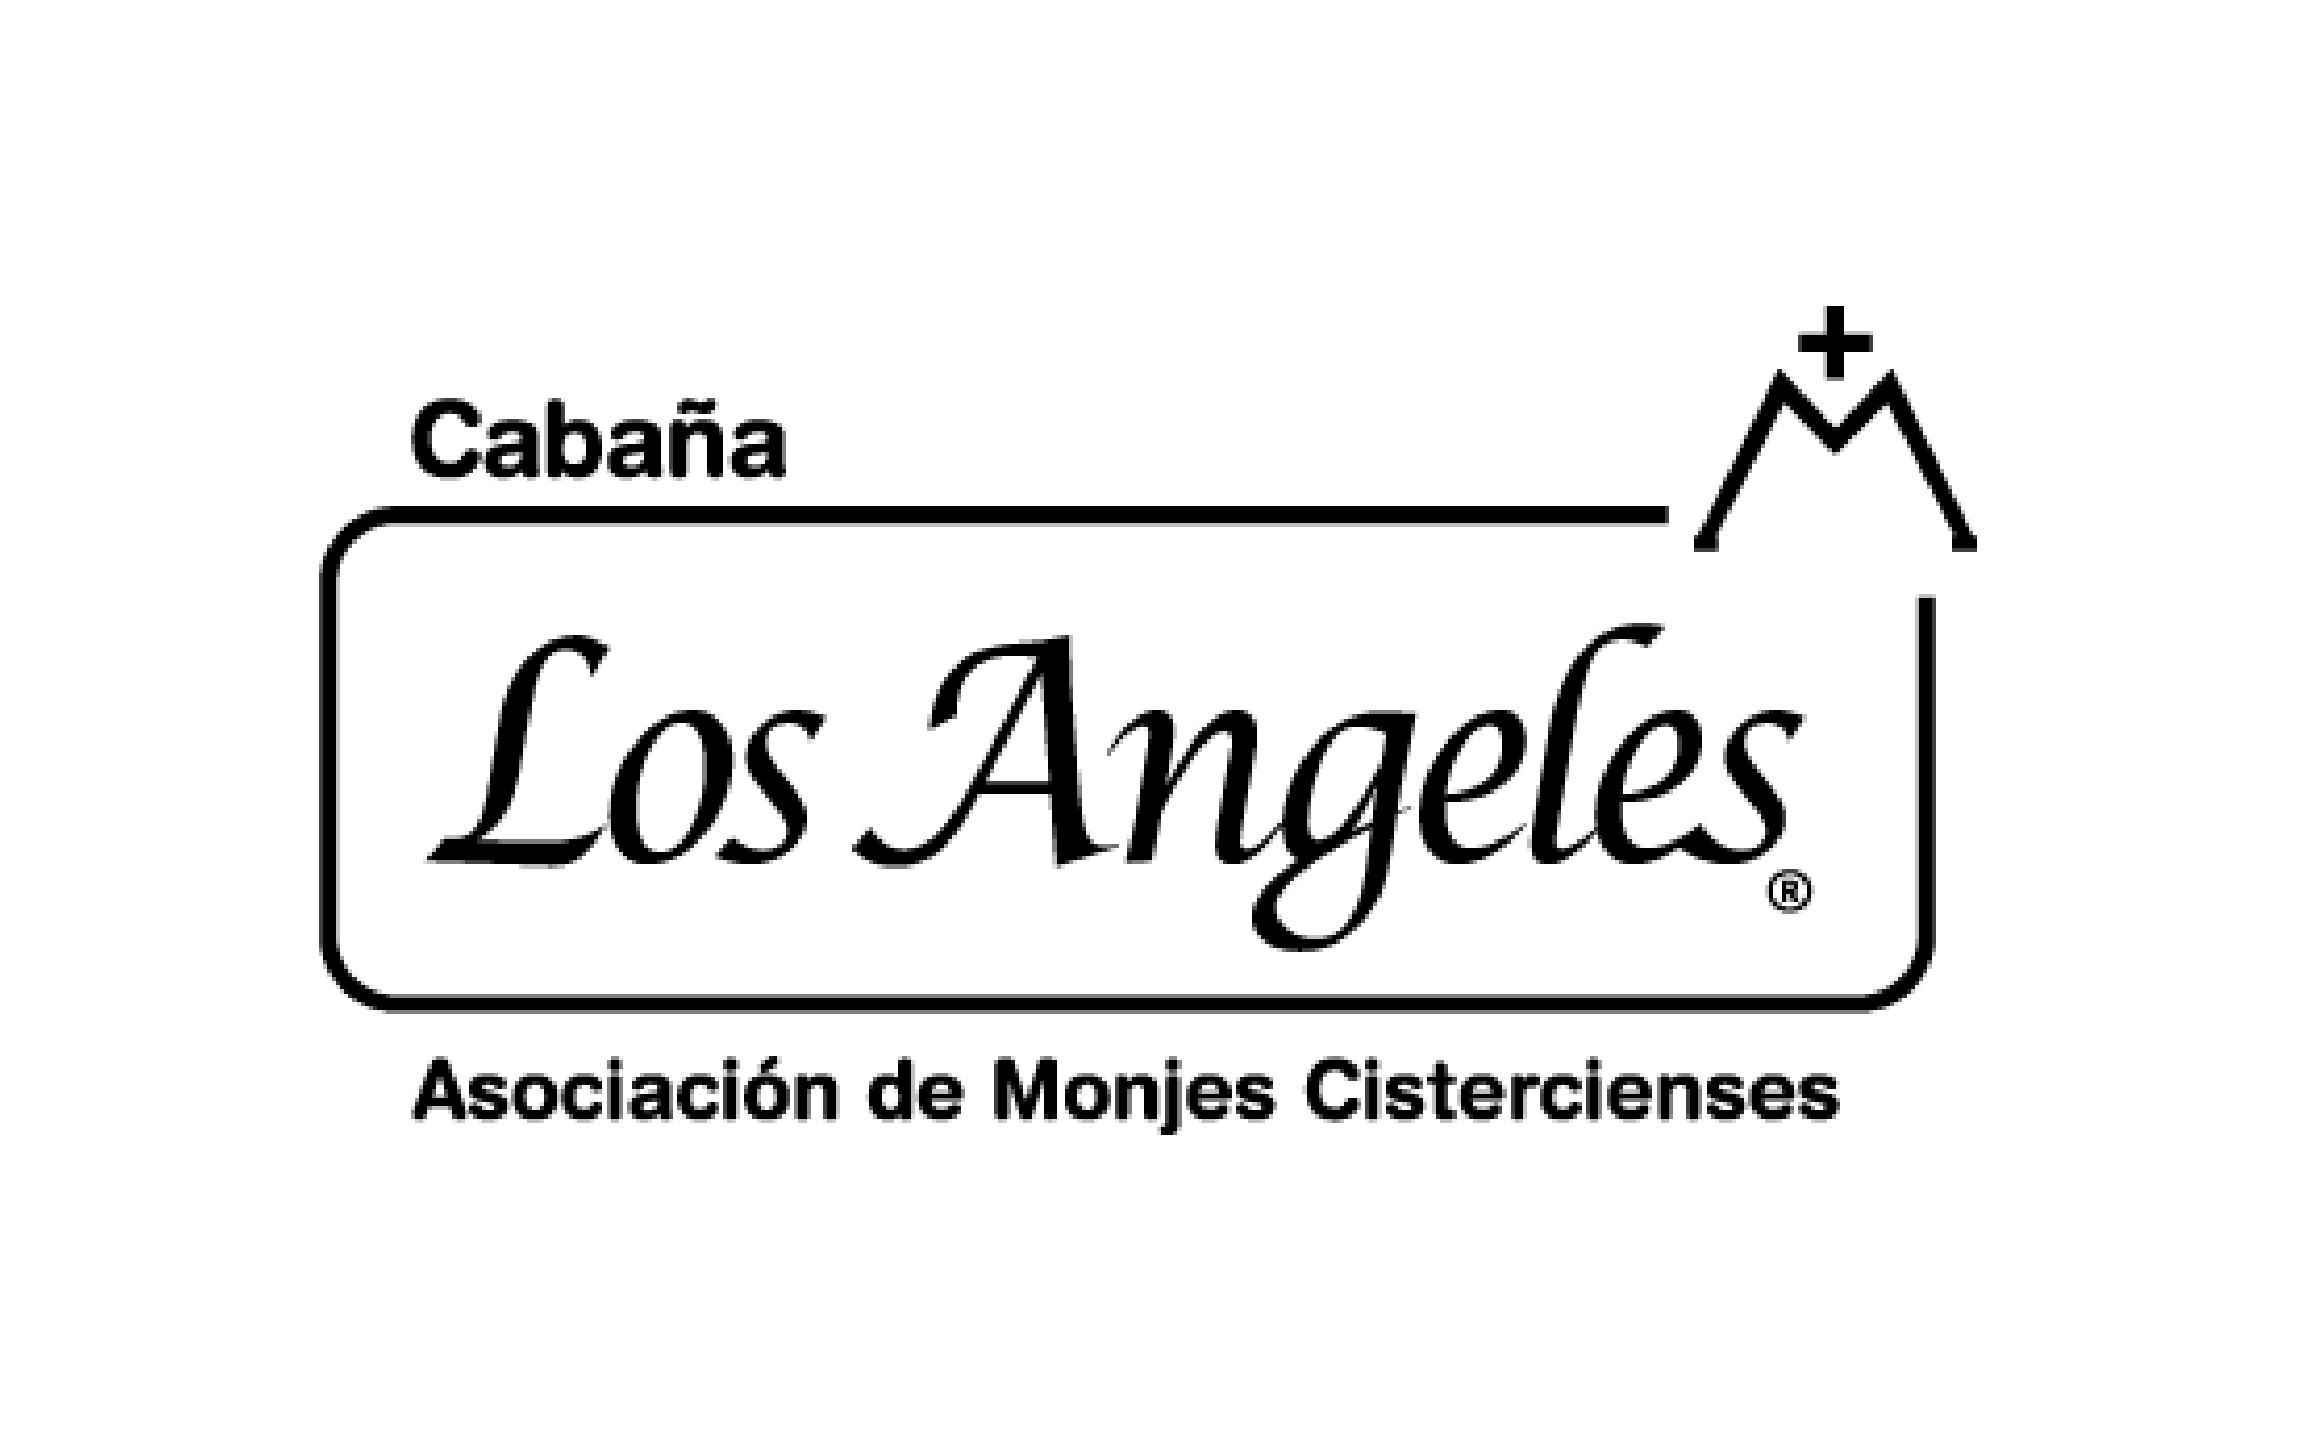 Cabaña Los Ángeles